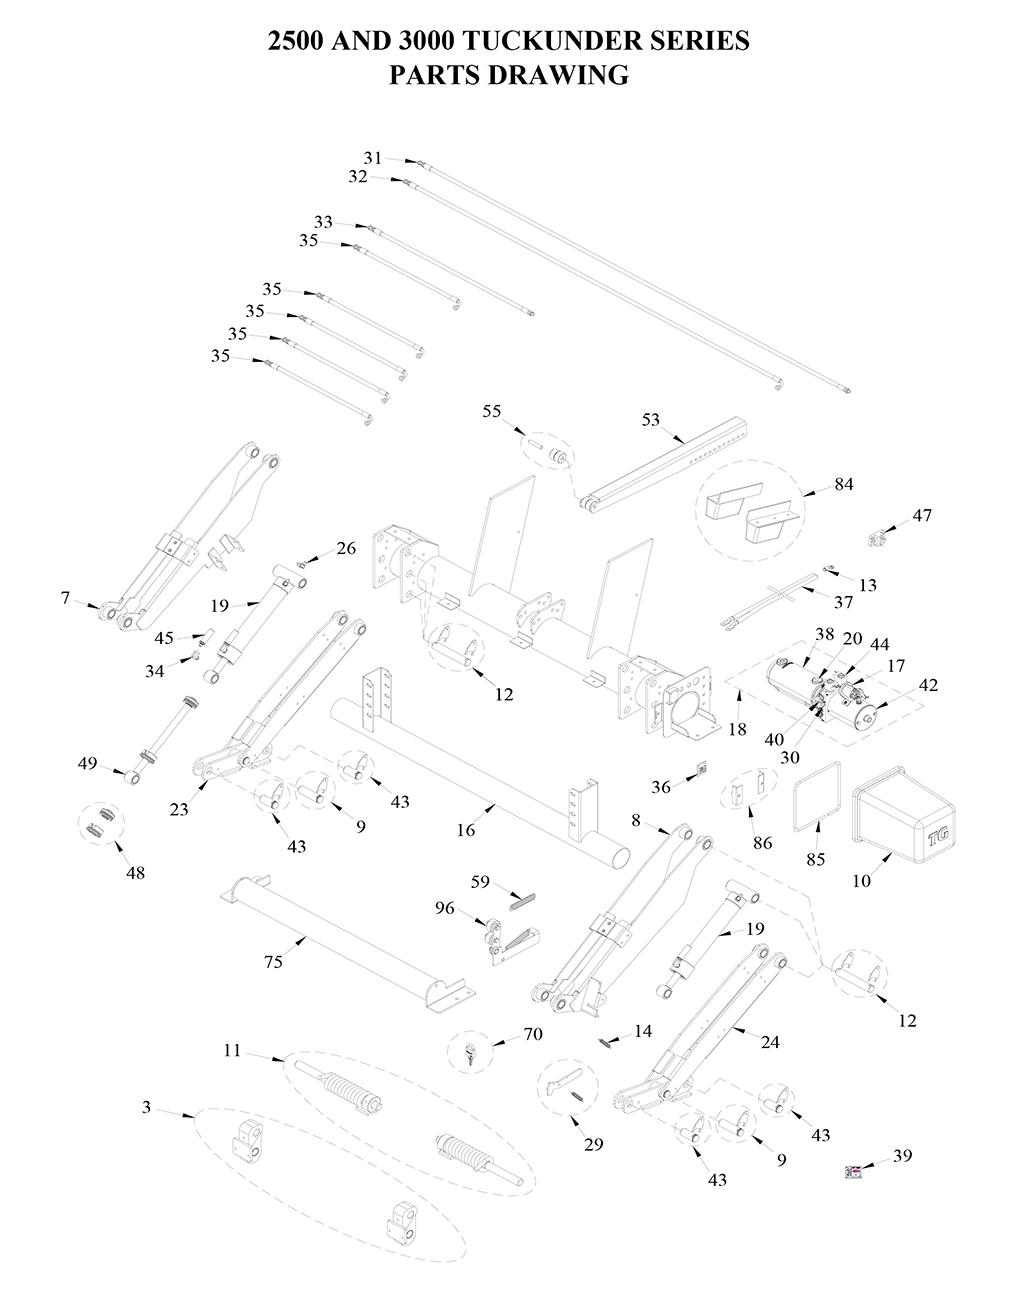 eagle lift parts diagram 38 series circuit diagram symbols u2022 rh veturecapitaltrust co VitalGo Total Lift Bed Parts tommy gate parts manual